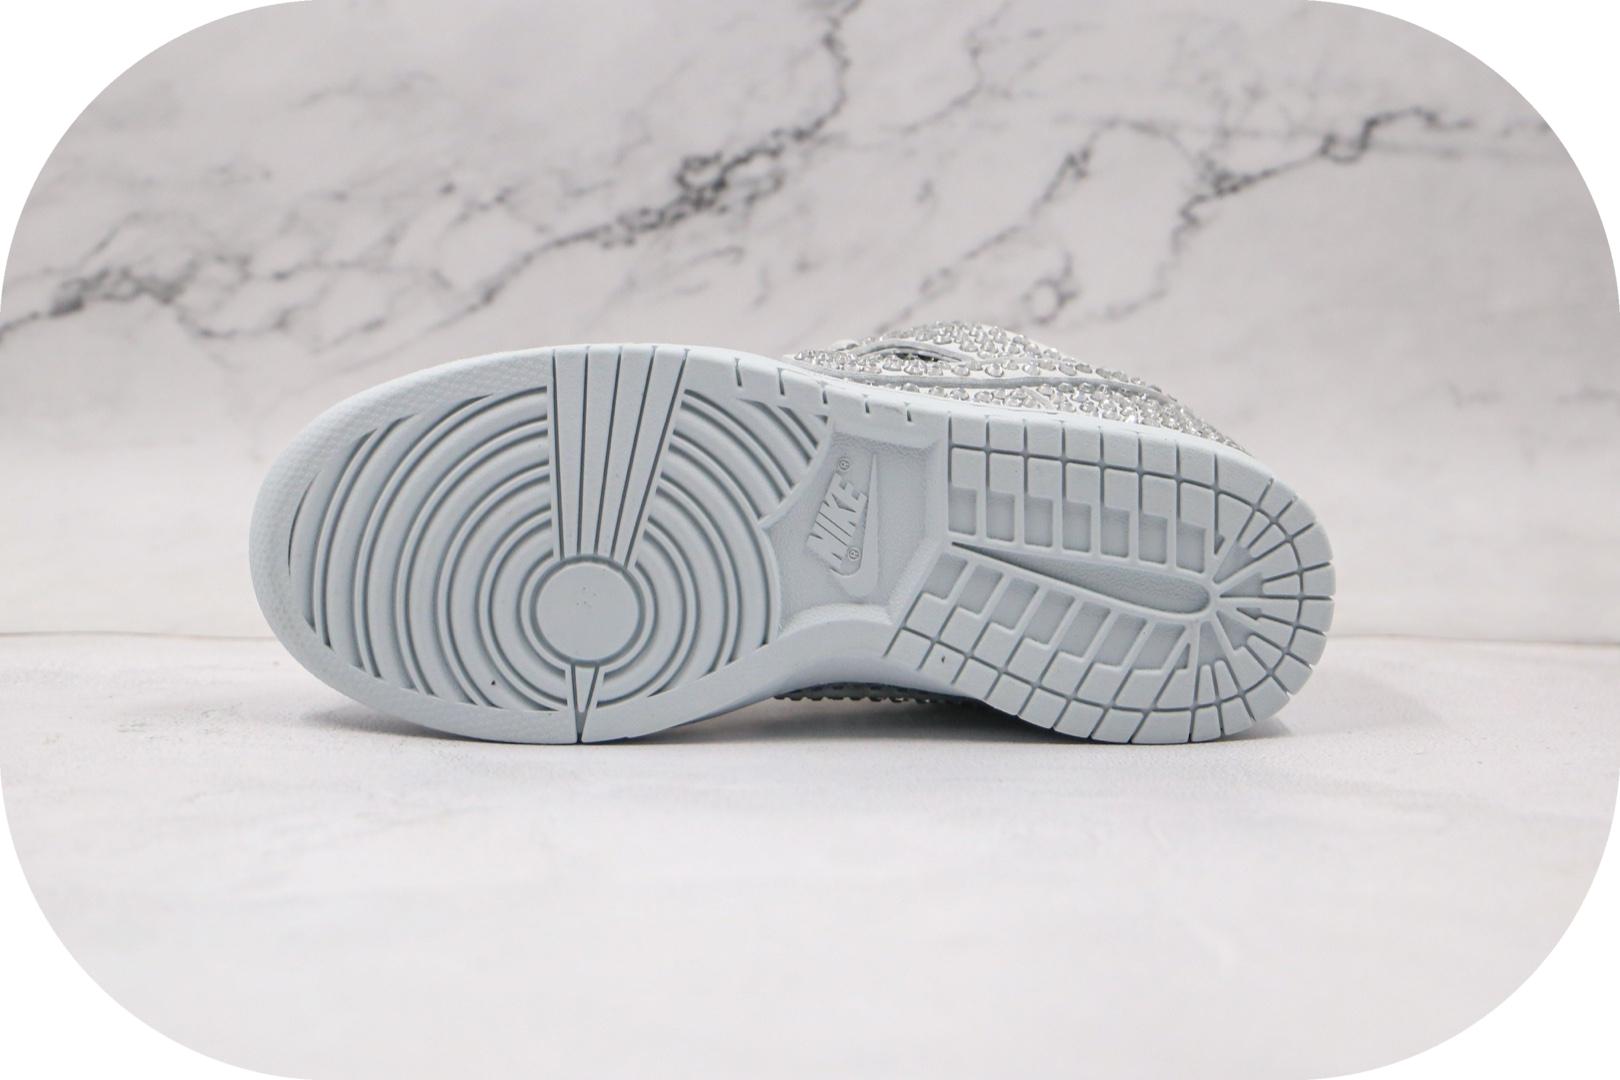 耐克Nike Dunk Low x Cactus Plant Flea Market联名款纯原版本低帮SB DUNK白色水钻板鞋原档案数据开发 货号:CZ2670-001